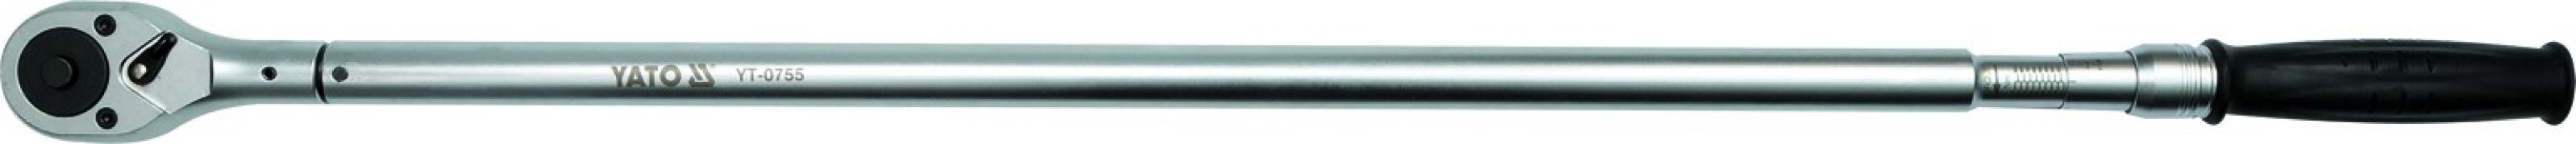 """Kľúč momentový 3/4"""" 200-1000 Nm CrV (YT-0755)"""